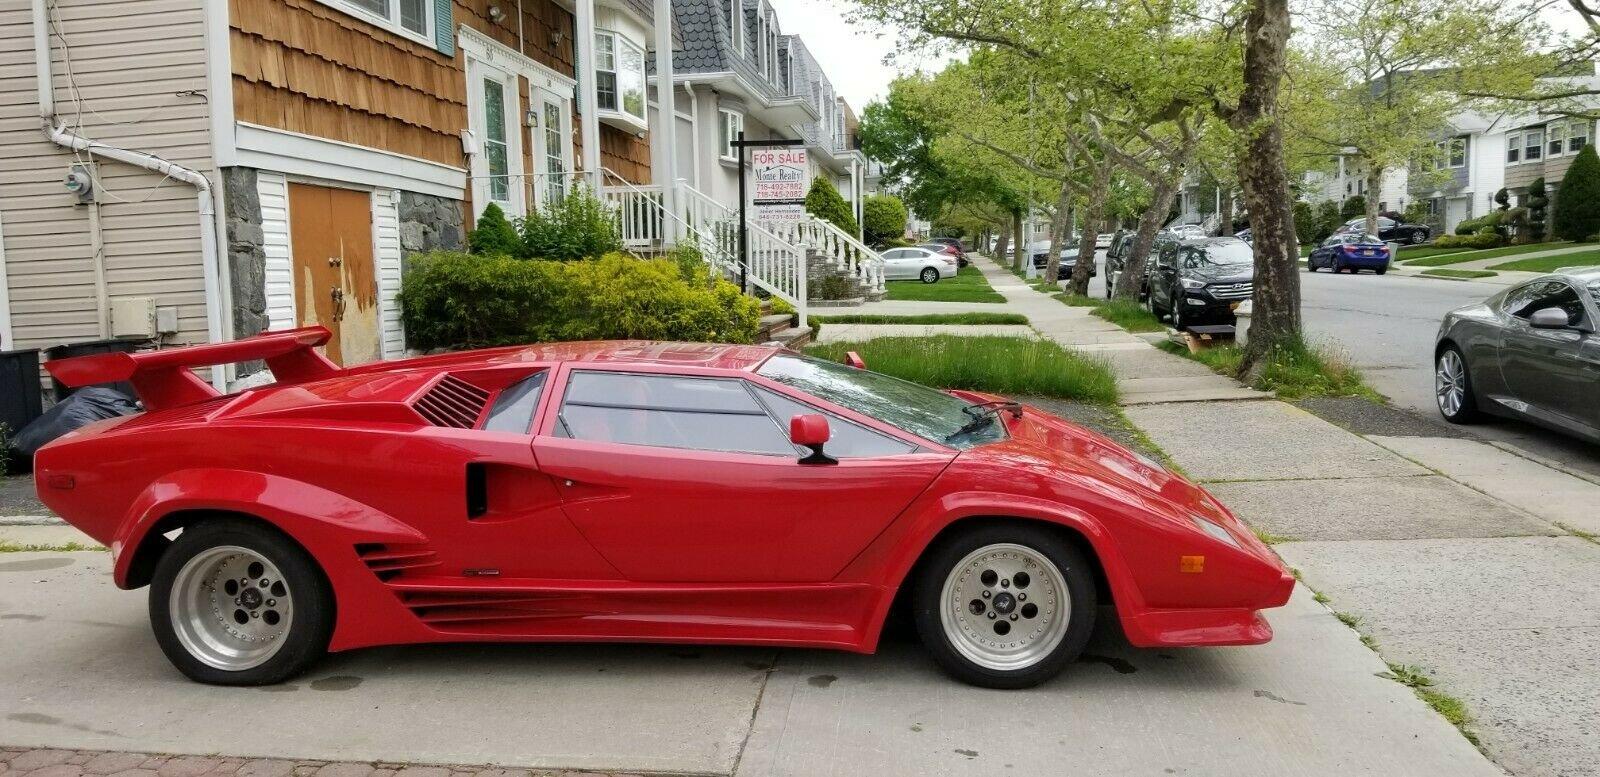 1988 Lamborghini Countach Replica by KMC Easton For Sale (picture 1 of 5)